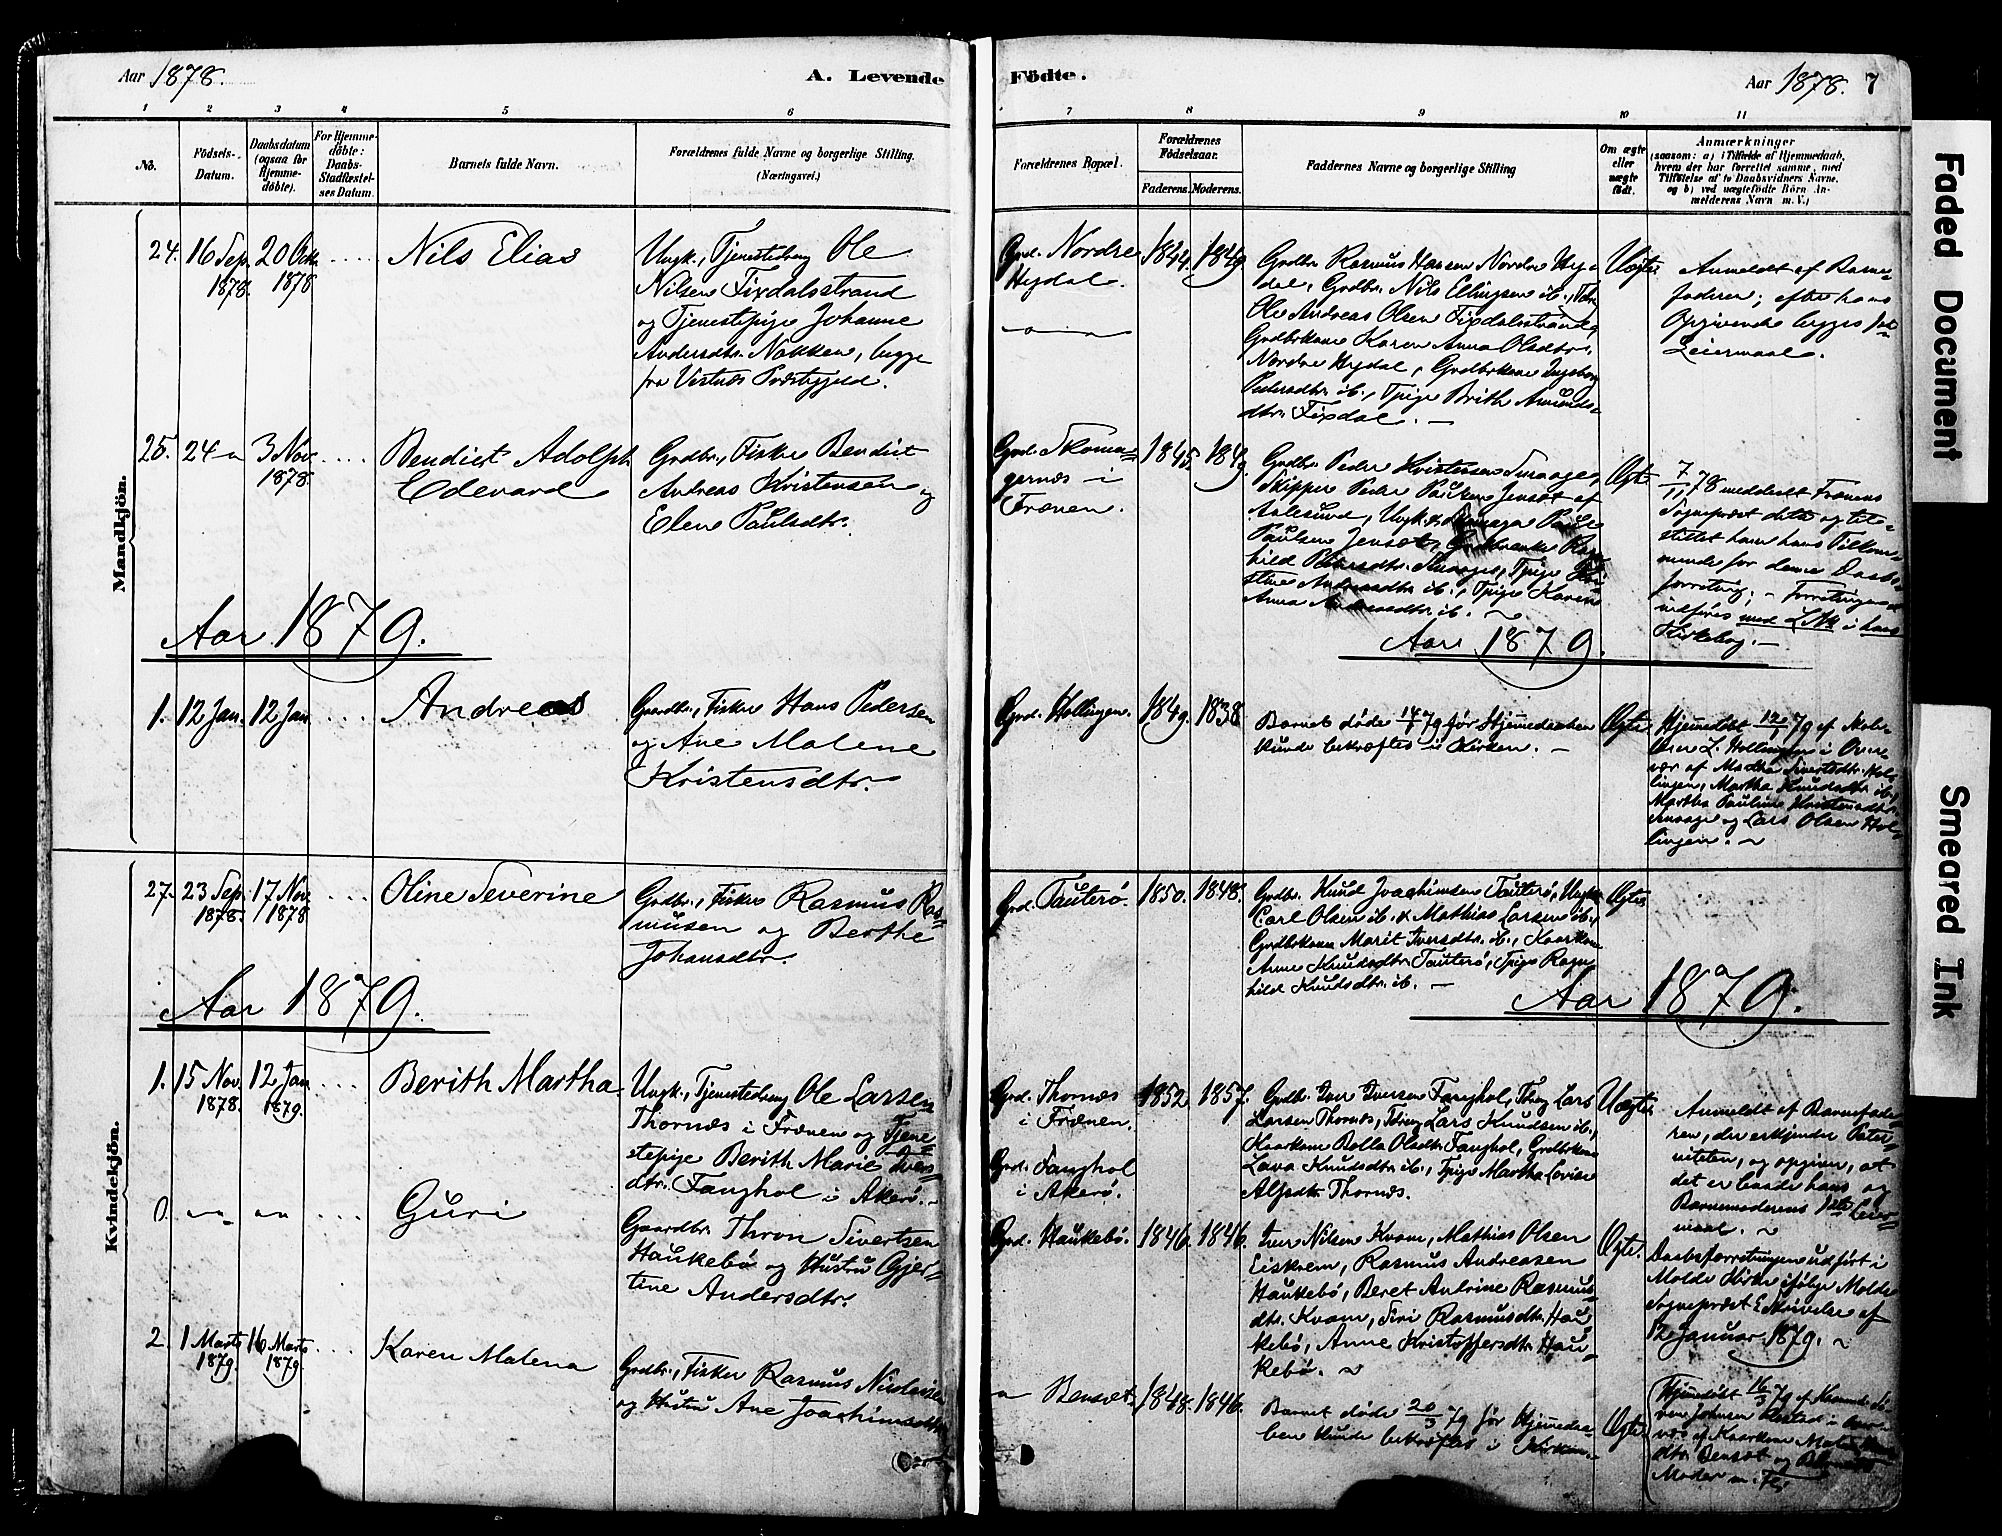 SAT, Ministerialprotokoller, klokkerbøker og fødselsregistre - Møre og Romsdal, 560/L0721: Ministerialbok nr. 560A05, 1878-1917, s. 7